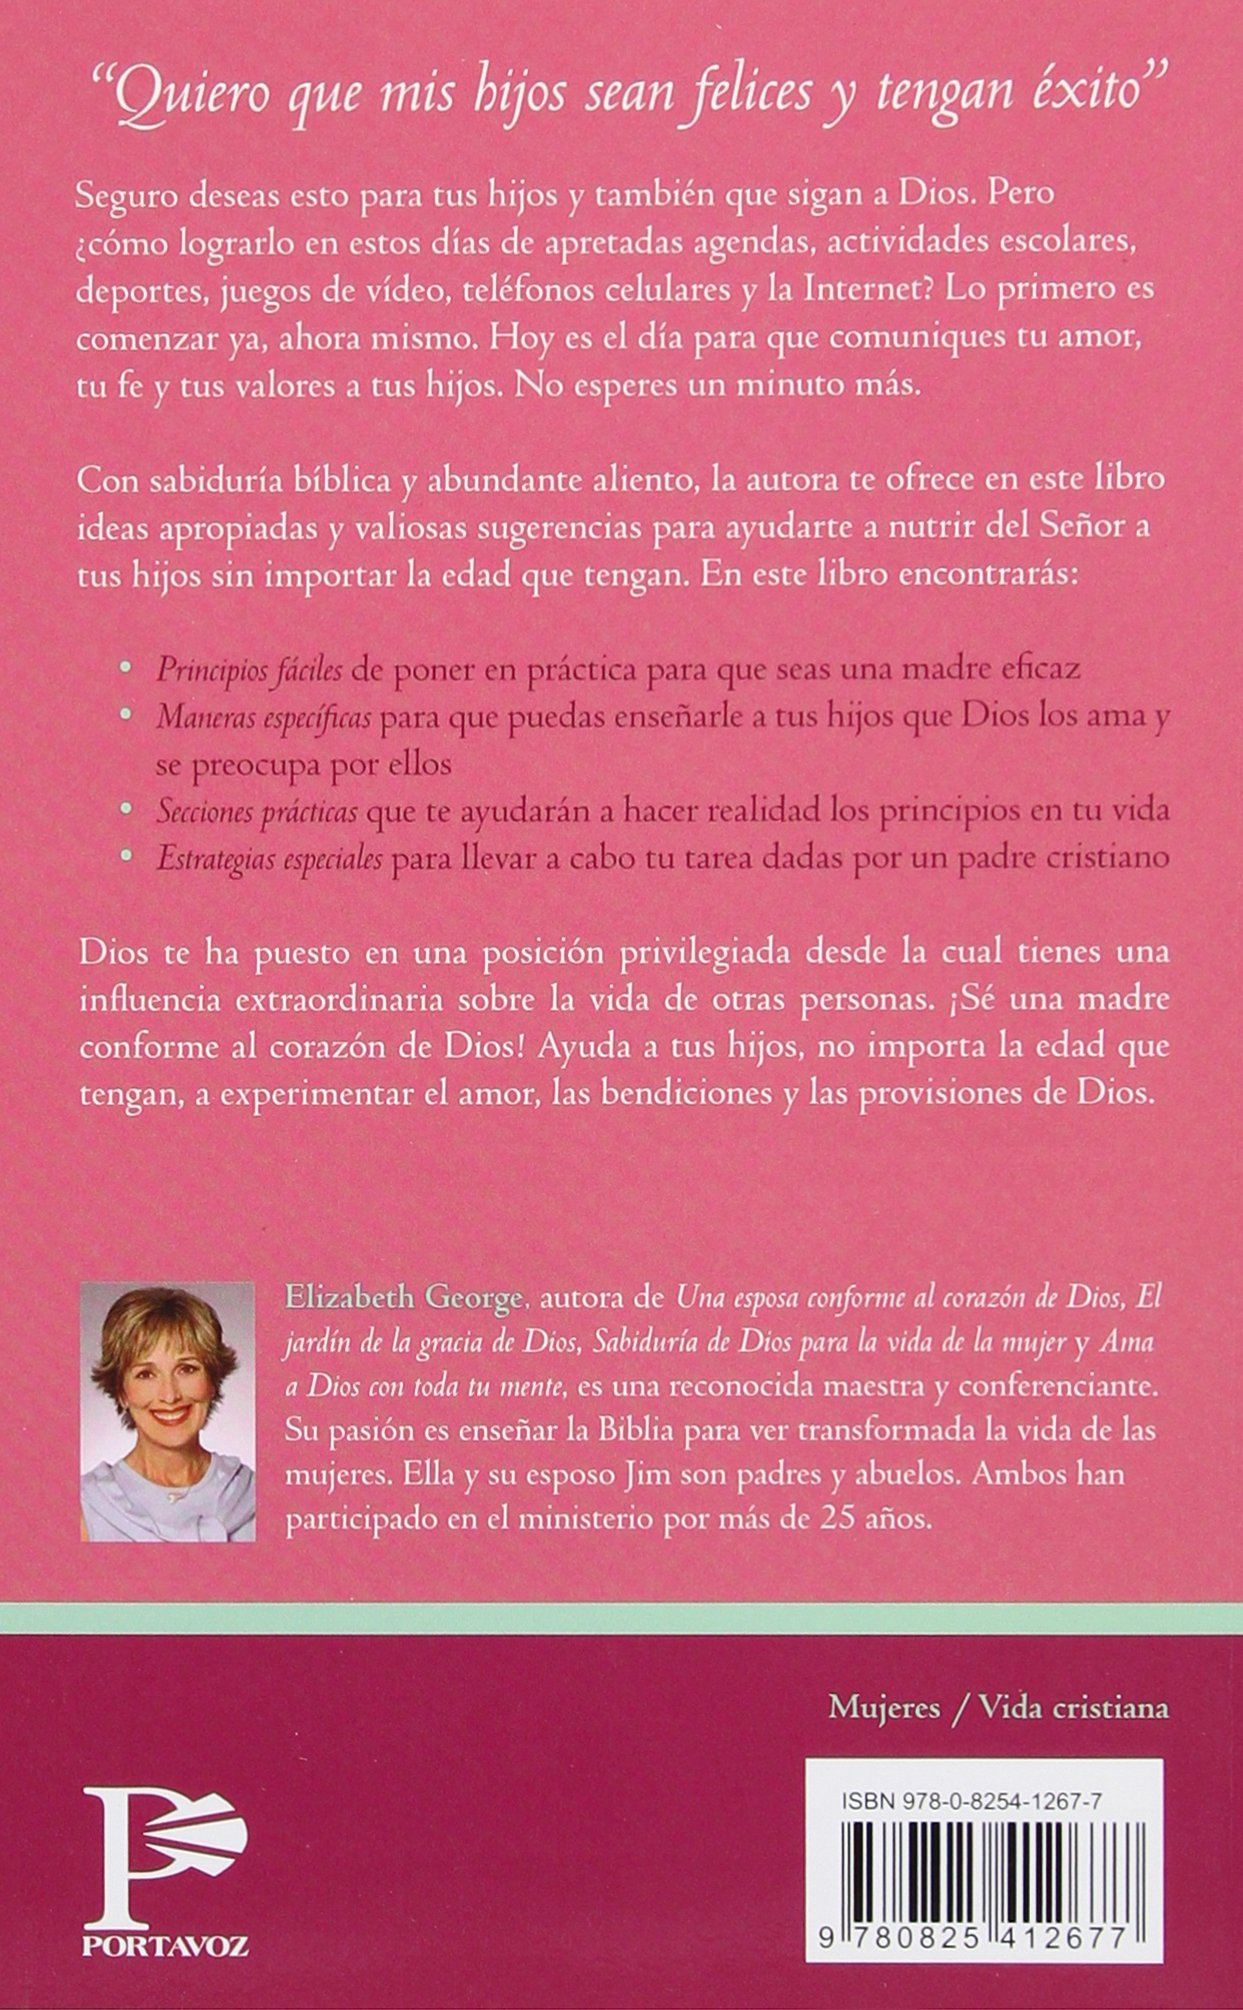 Una Madre conforme al corazón de Dios (Spanish Edition ...